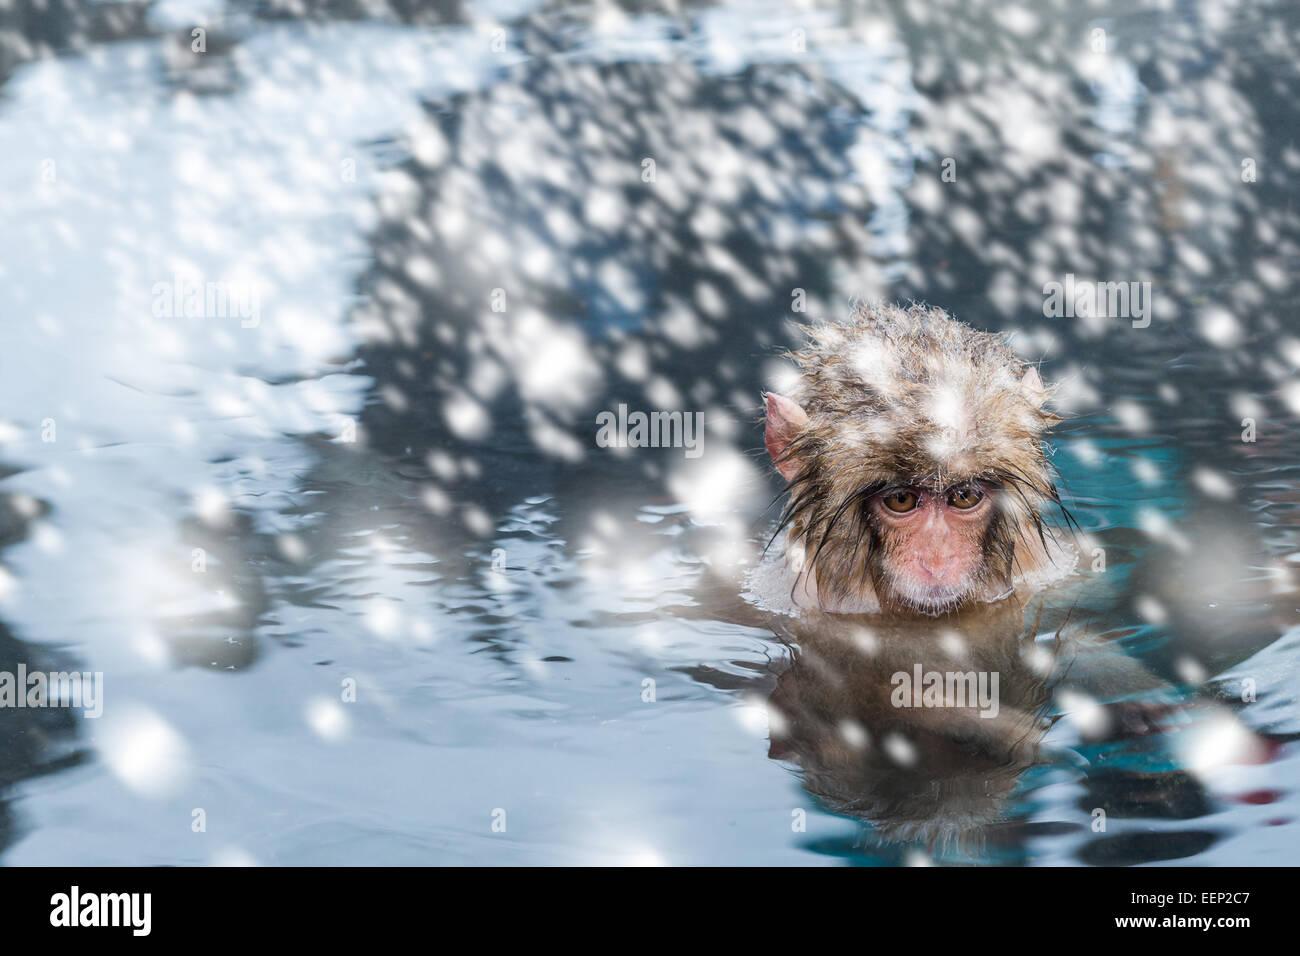 Un bambino di neve si imbeve di scimmia in onsen all'Jigokudani monkey park nella Prefettura di Nagano, Giappone. Immagini Stock